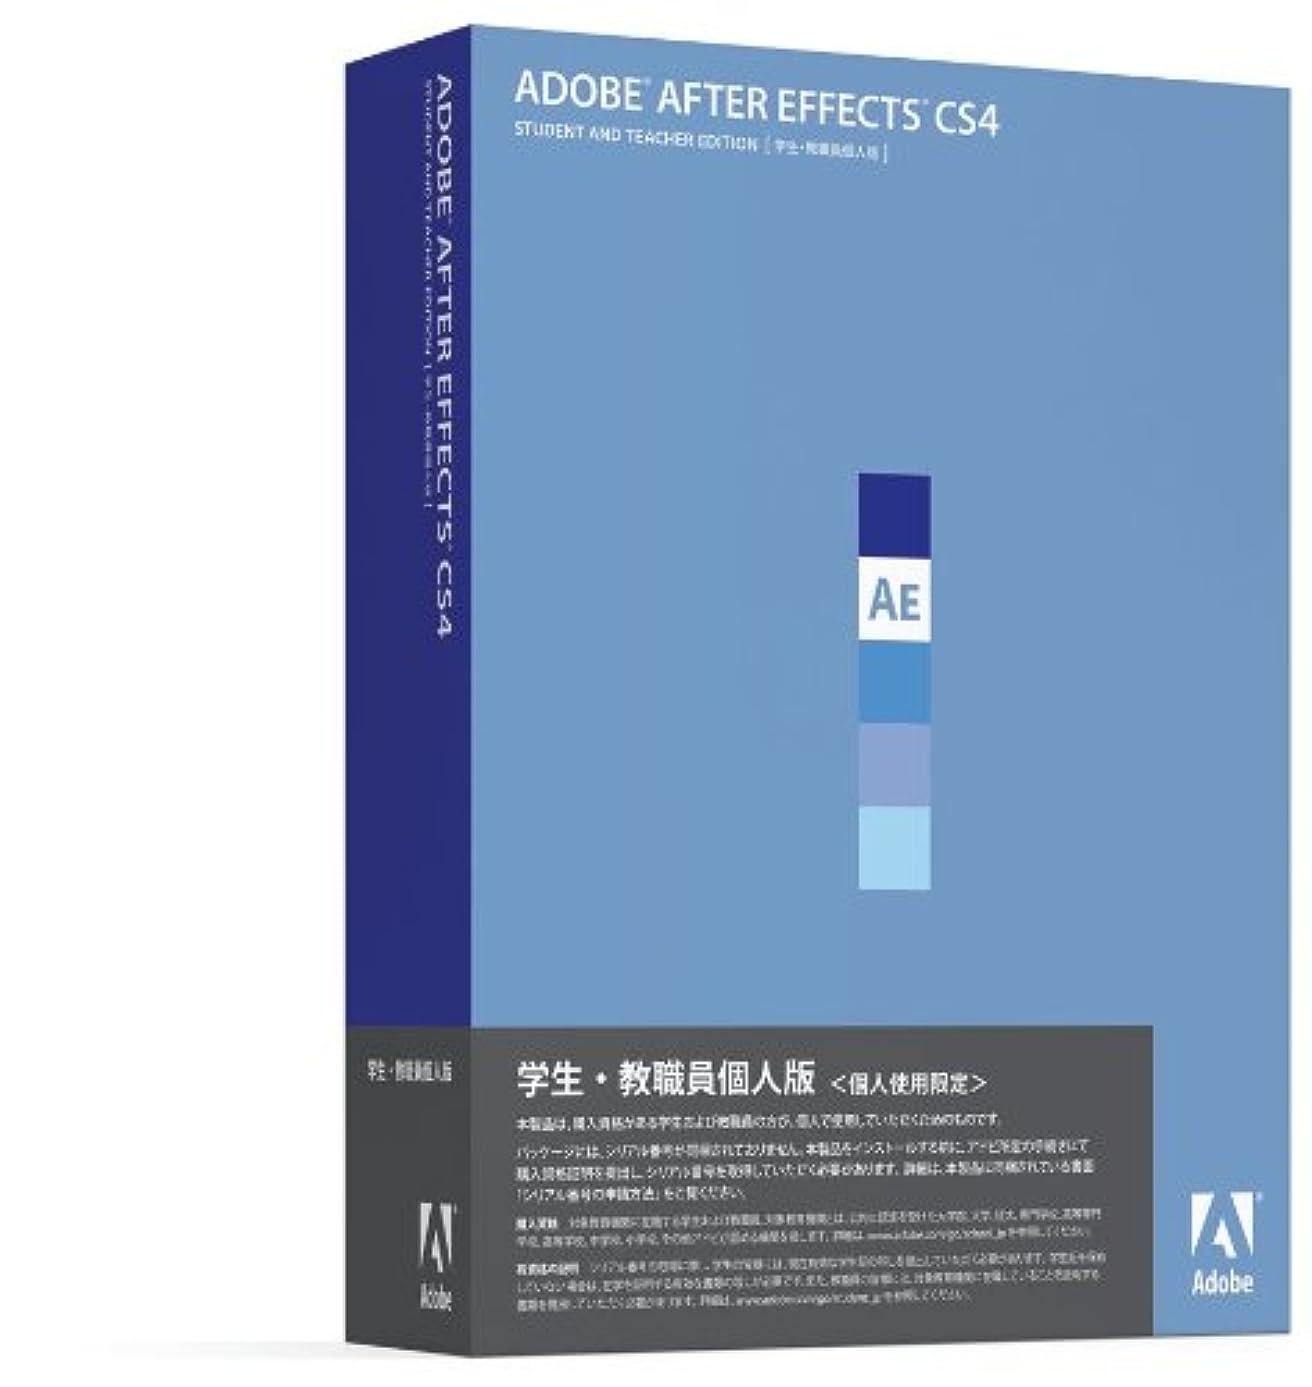 シーサイド遮る君主学生?教職員個人版 Adobe After Effects CS4 (V9.0) 日本語版 Professional Windows版 (要シリアル番号申請)